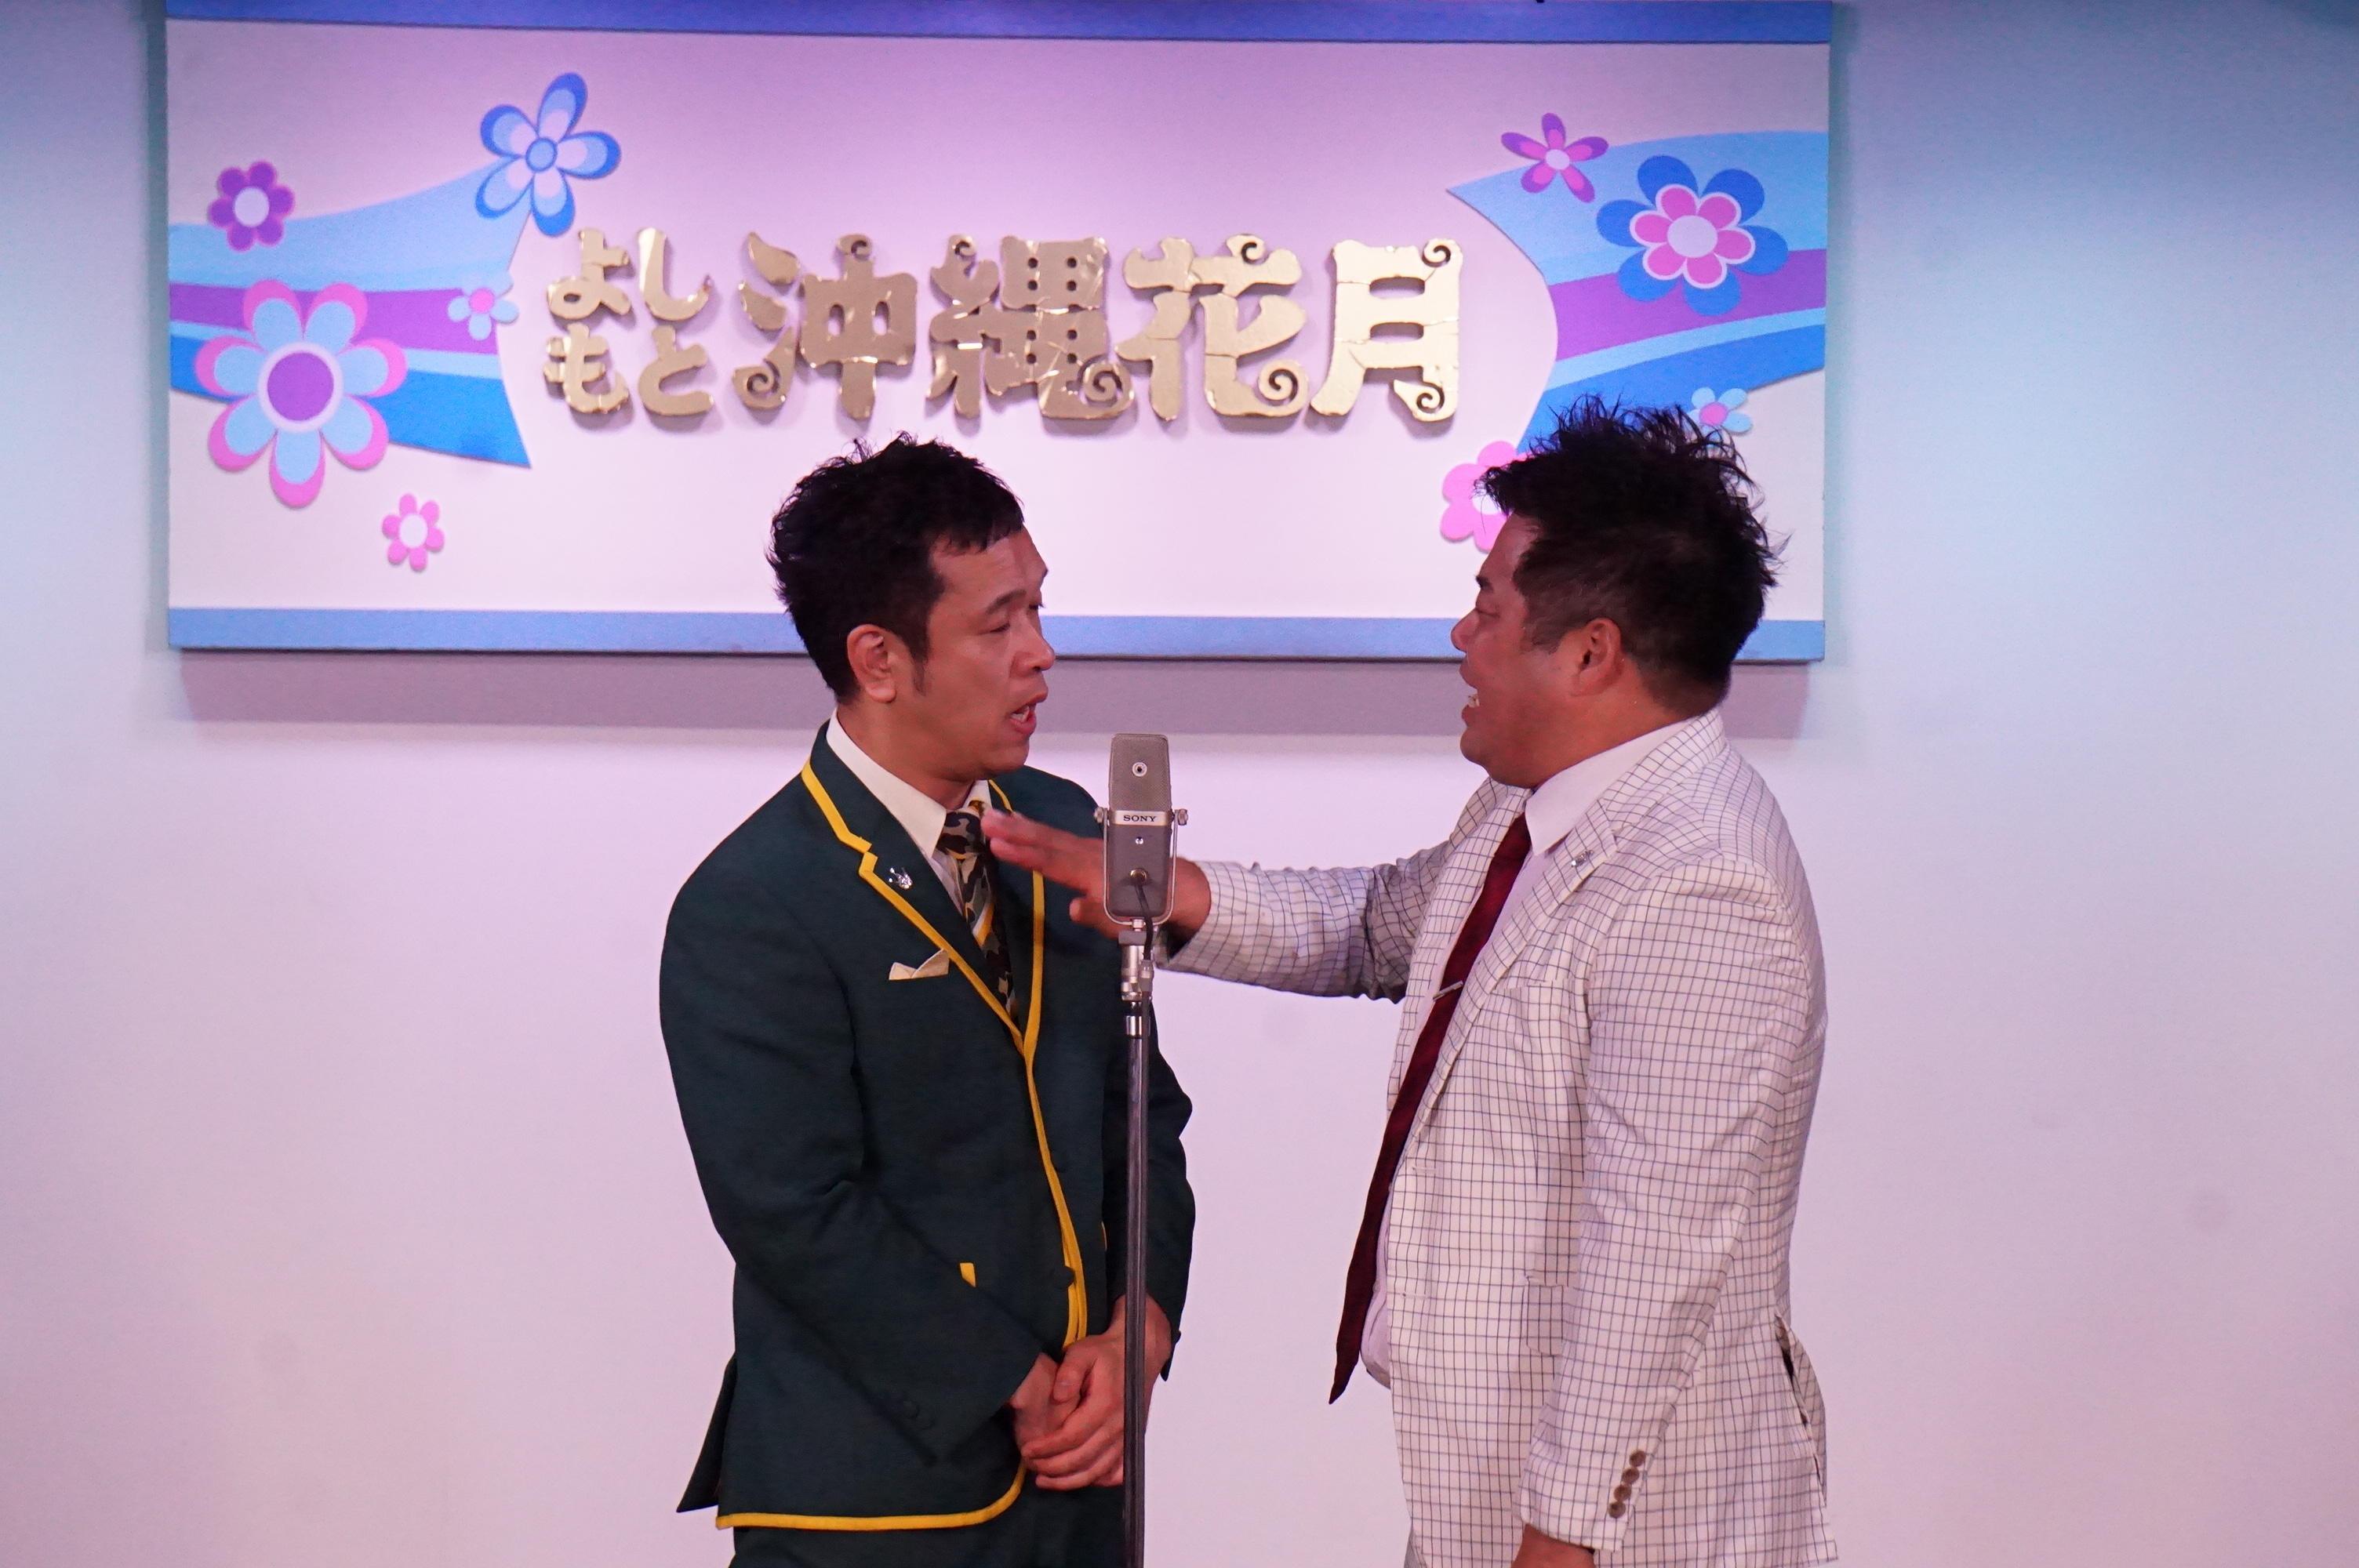 http://news.yoshimoto.co.jp/20180806141151-8946330fb456cb5d29b3749908189ed2921df20c.jpg